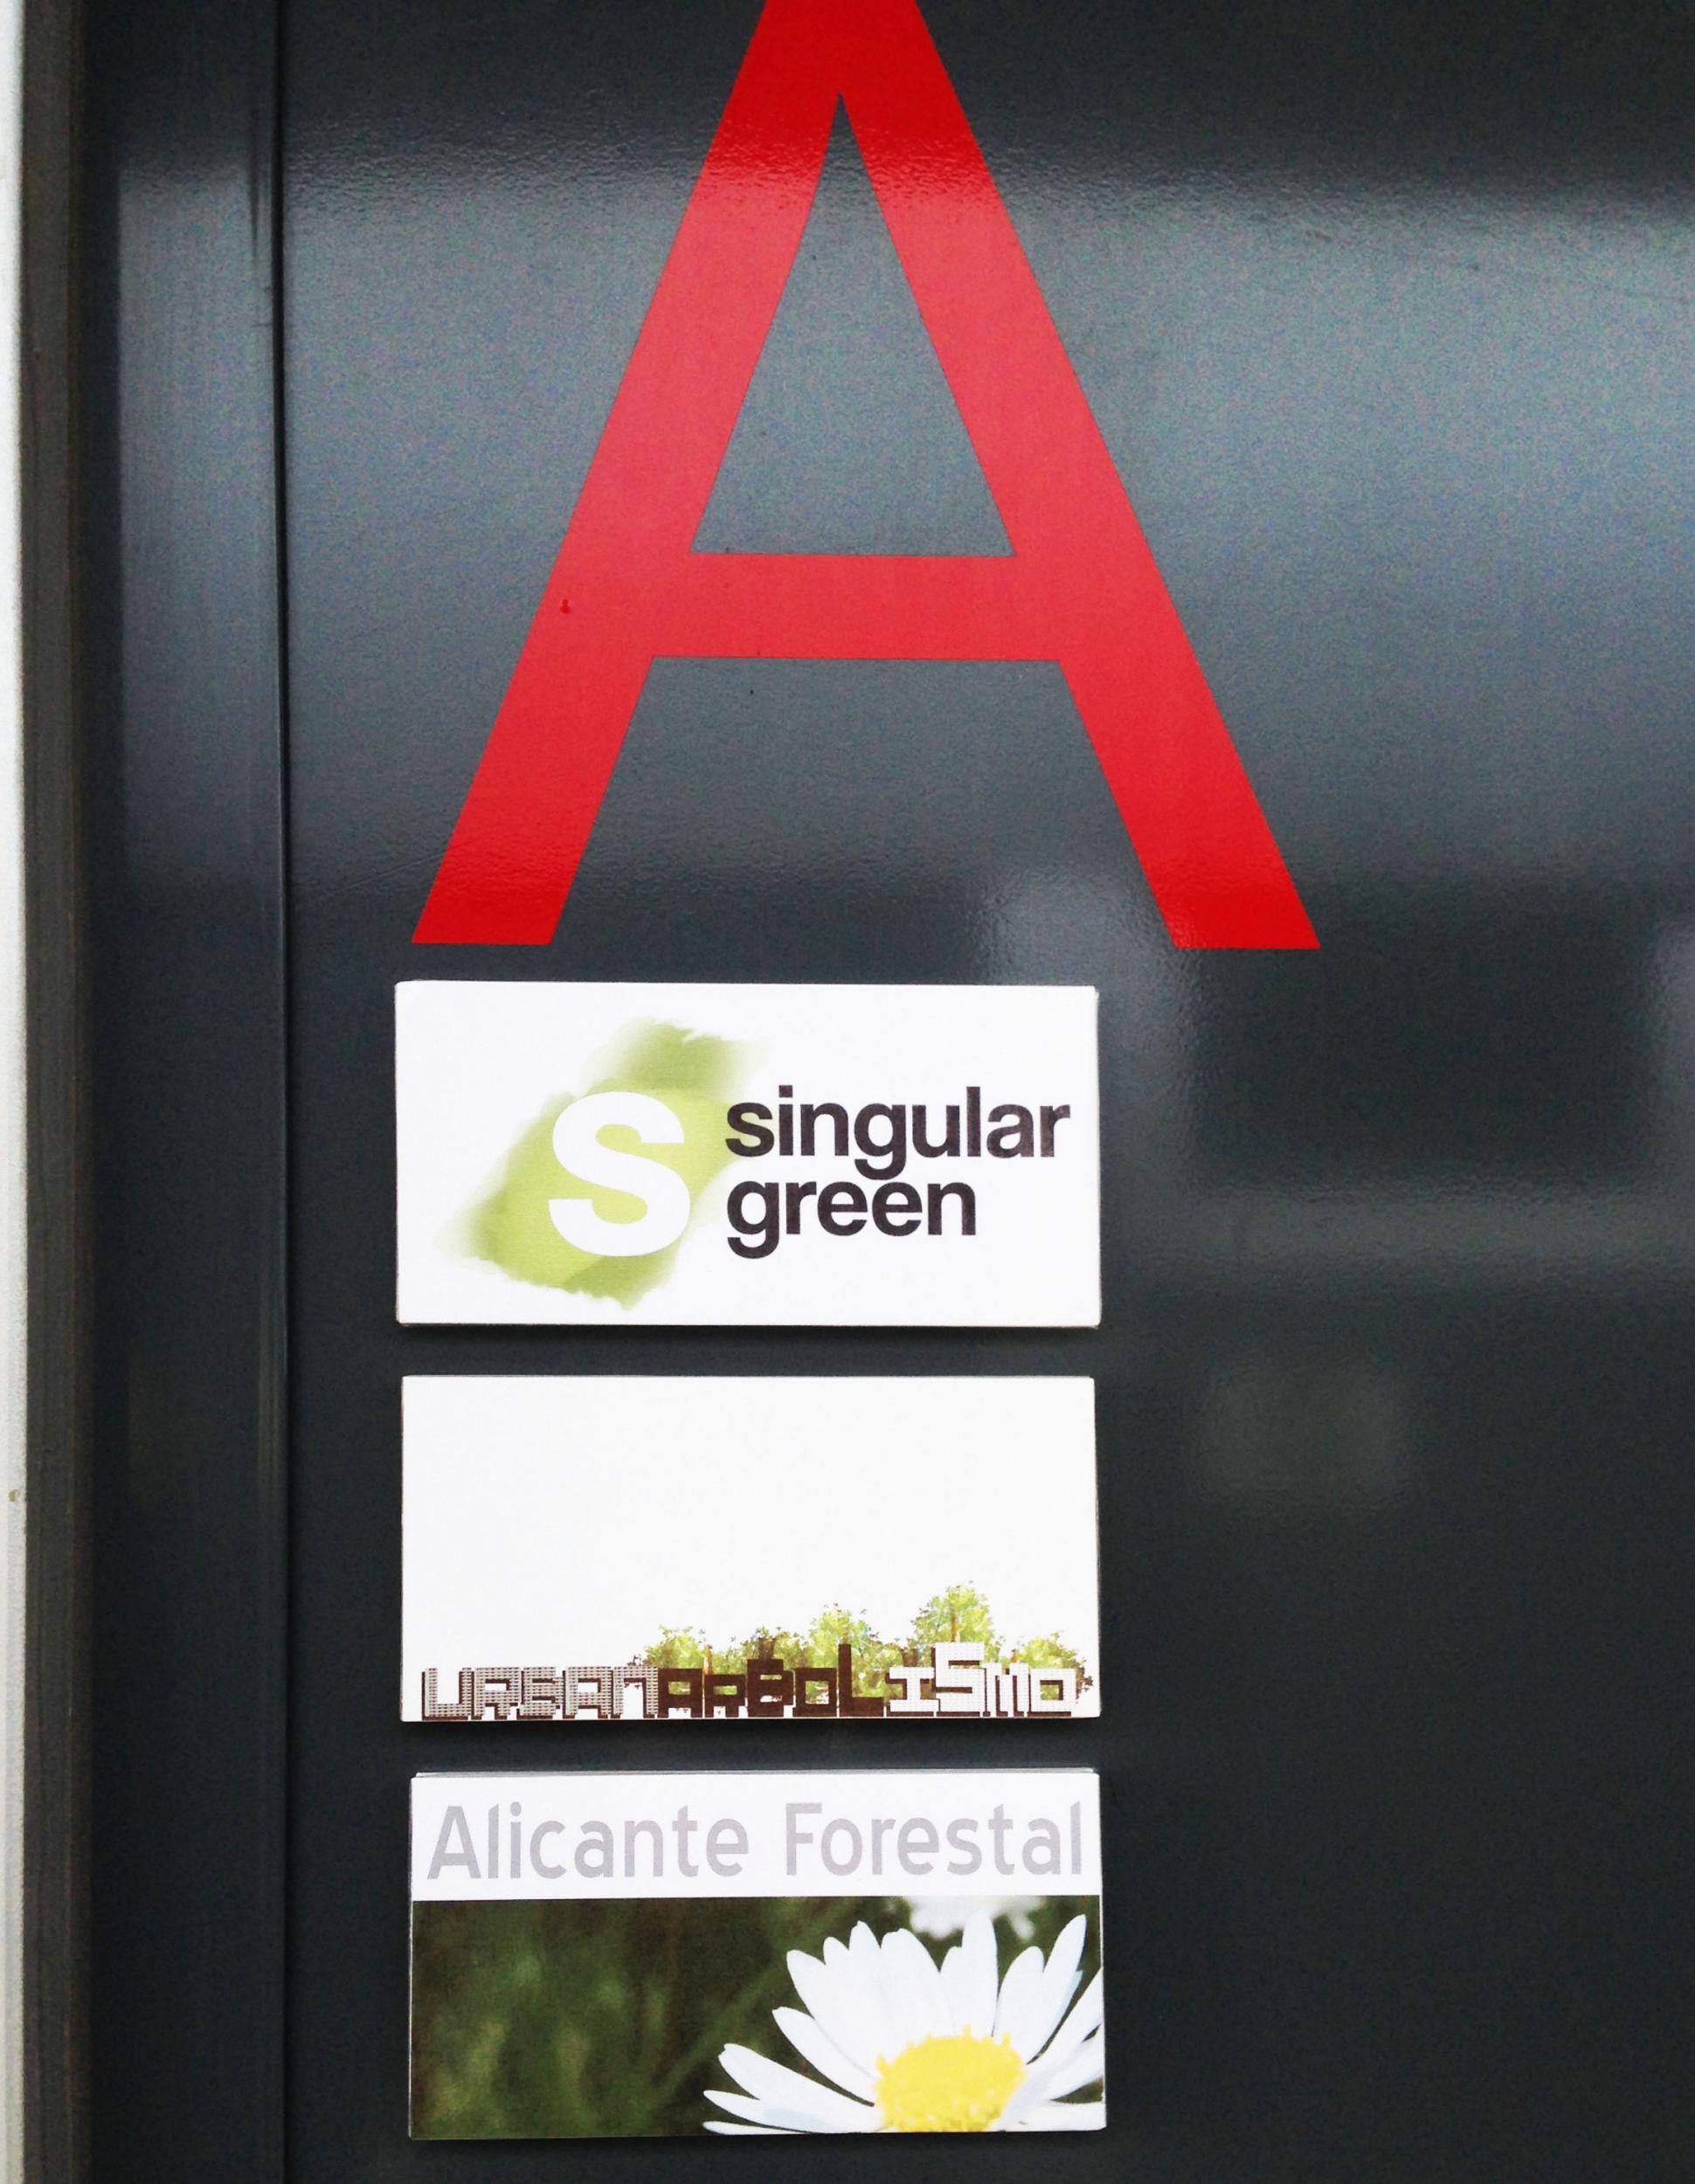 SingularGreen, Urbanarbolismo y Alicante Forestal